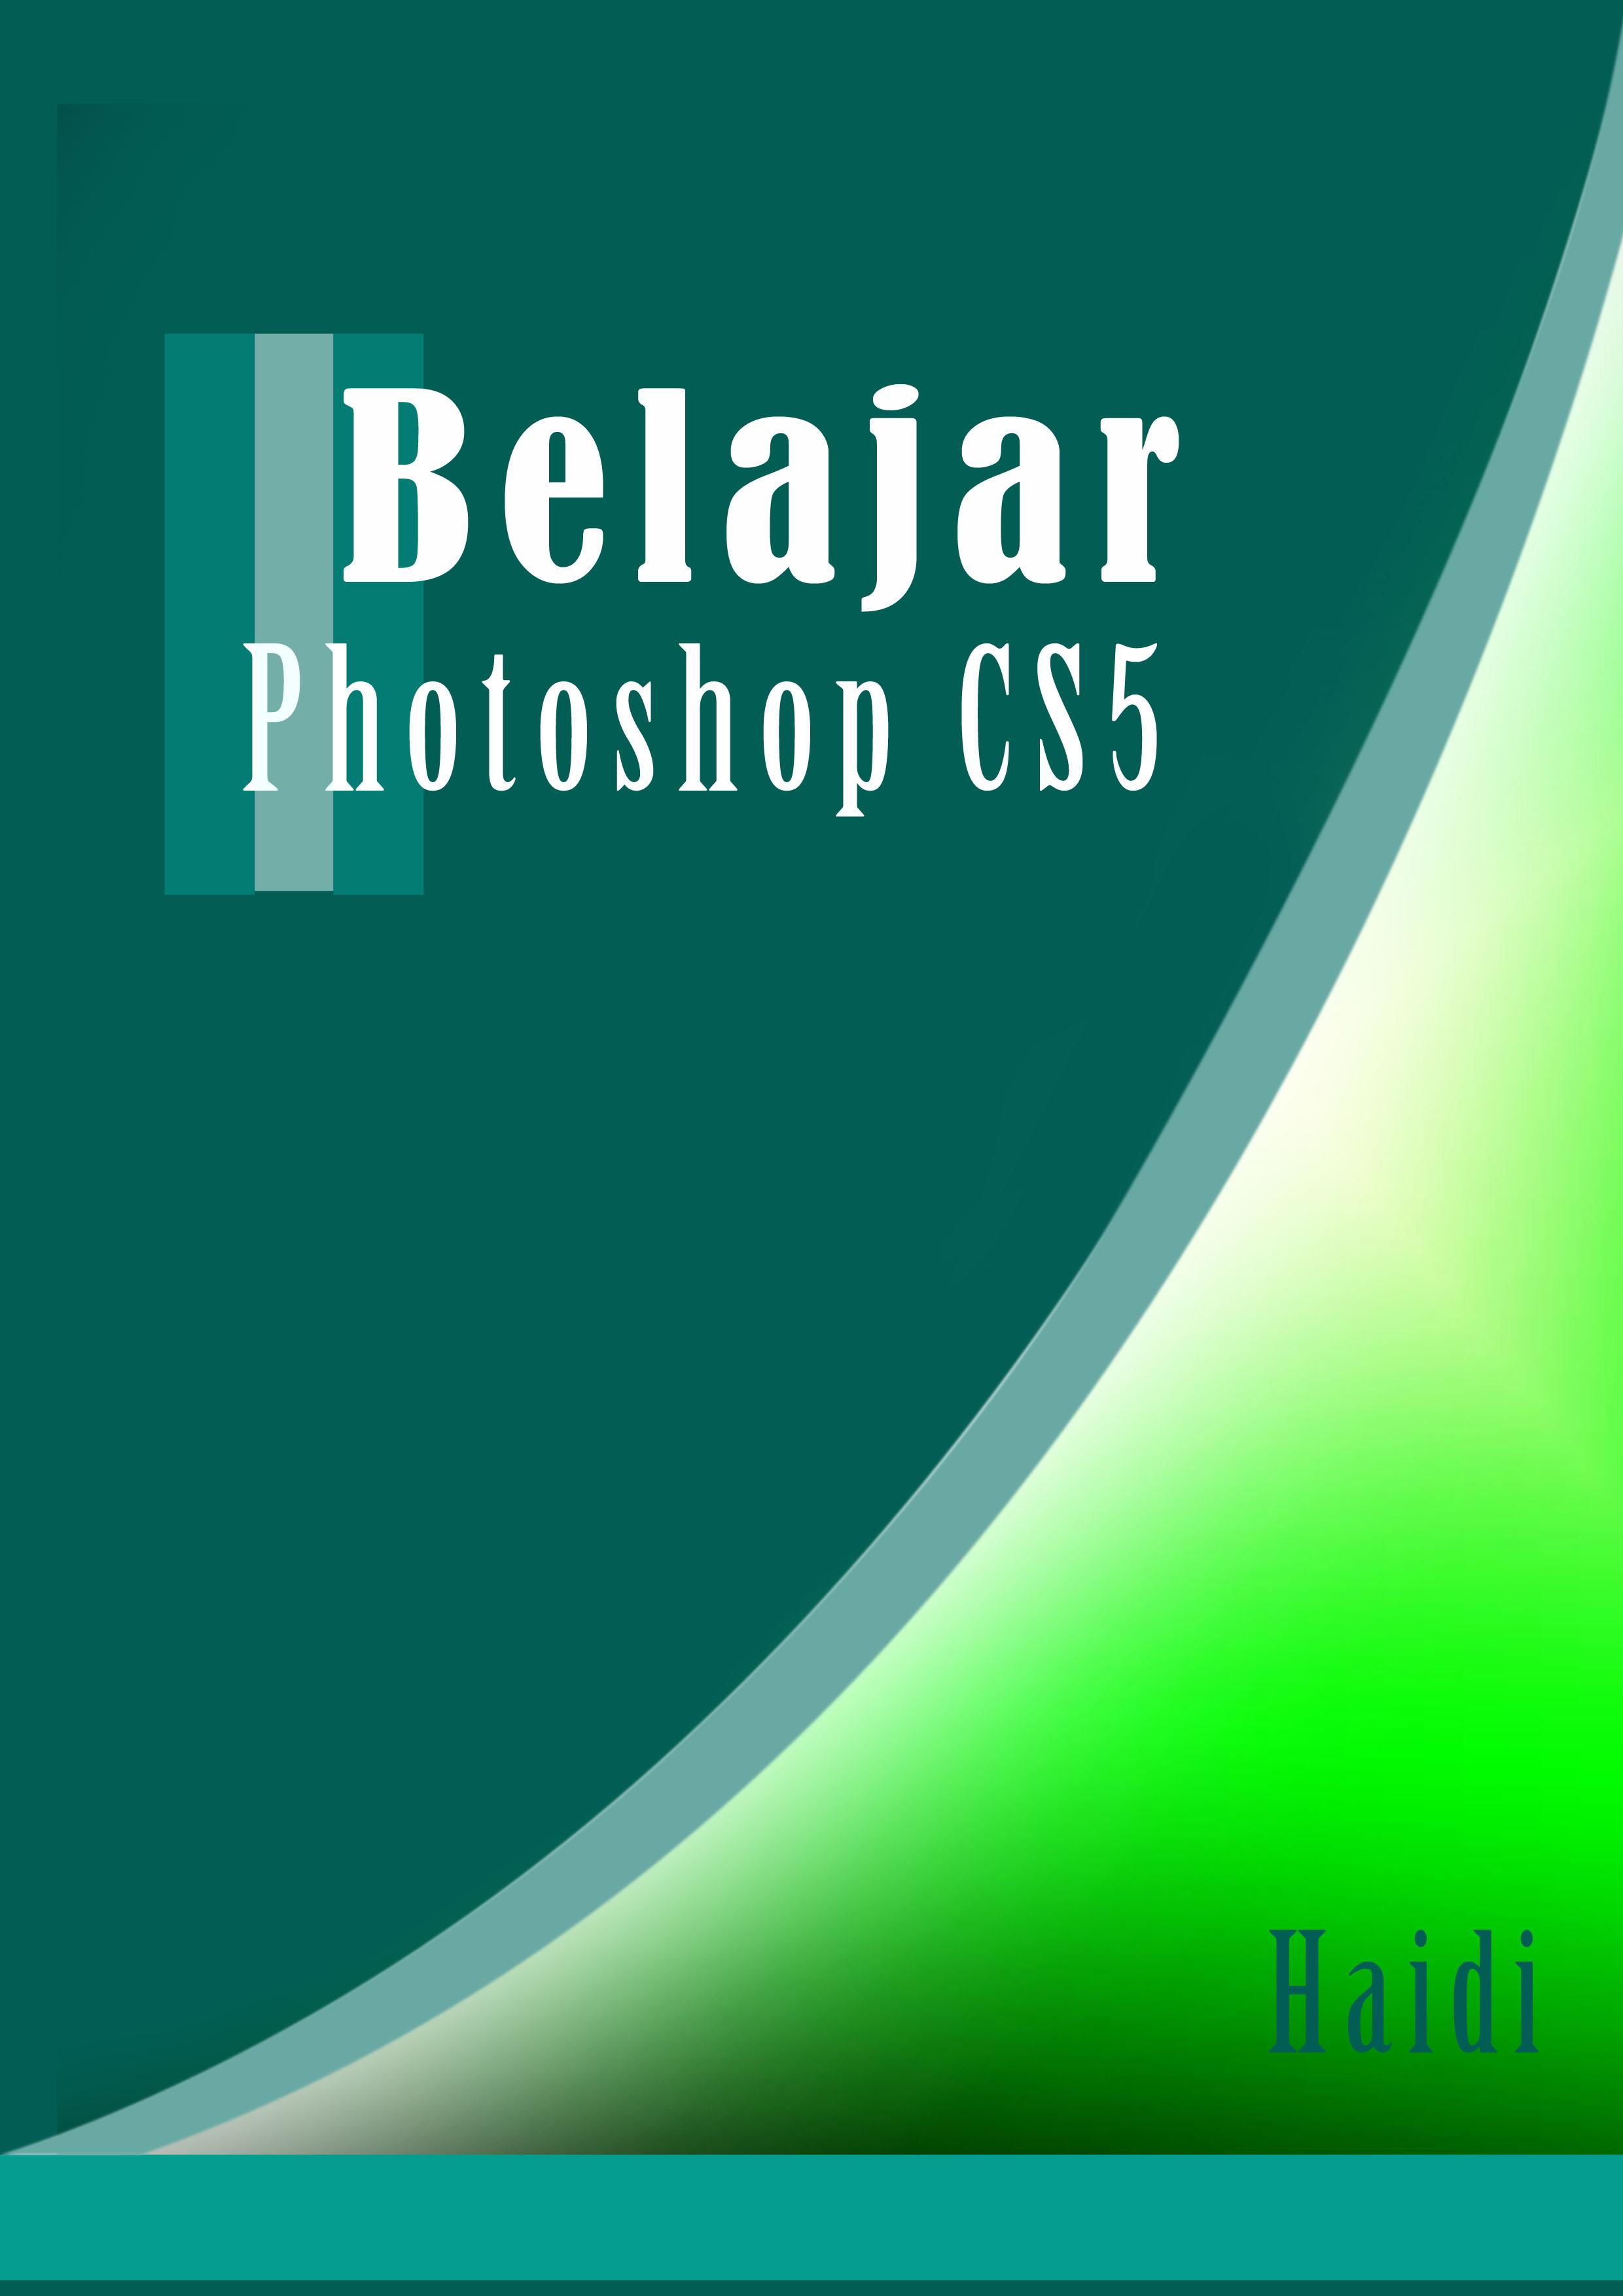 Contoh Cover Contoh Cover Letter Scribd Contoh Cover Buku Sederhana Tapi Menarik – Haidi Barasa